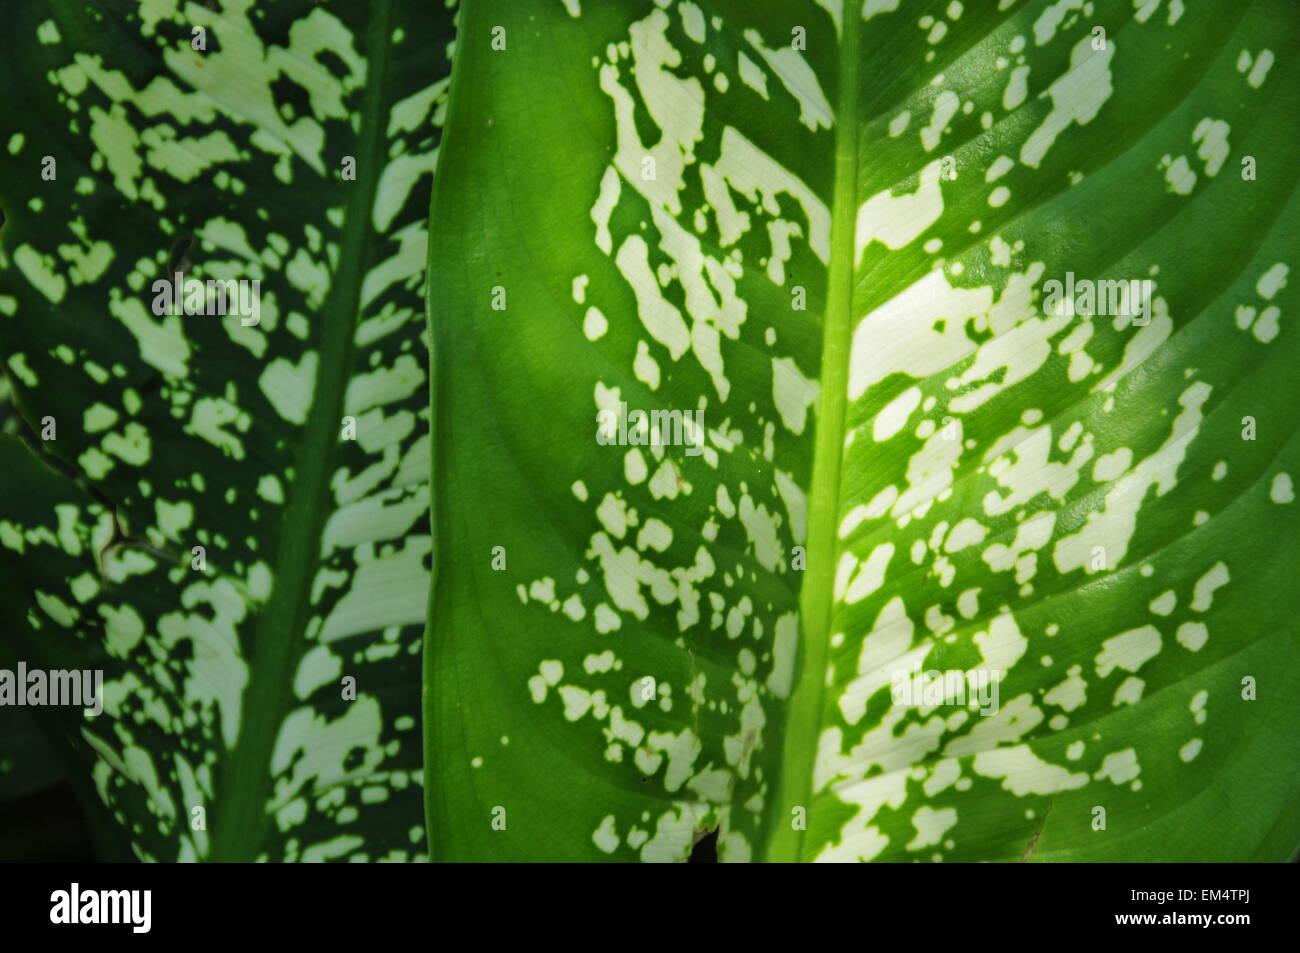 Feuille texturée vert et blanc avec des veines étroites. Photo Stock